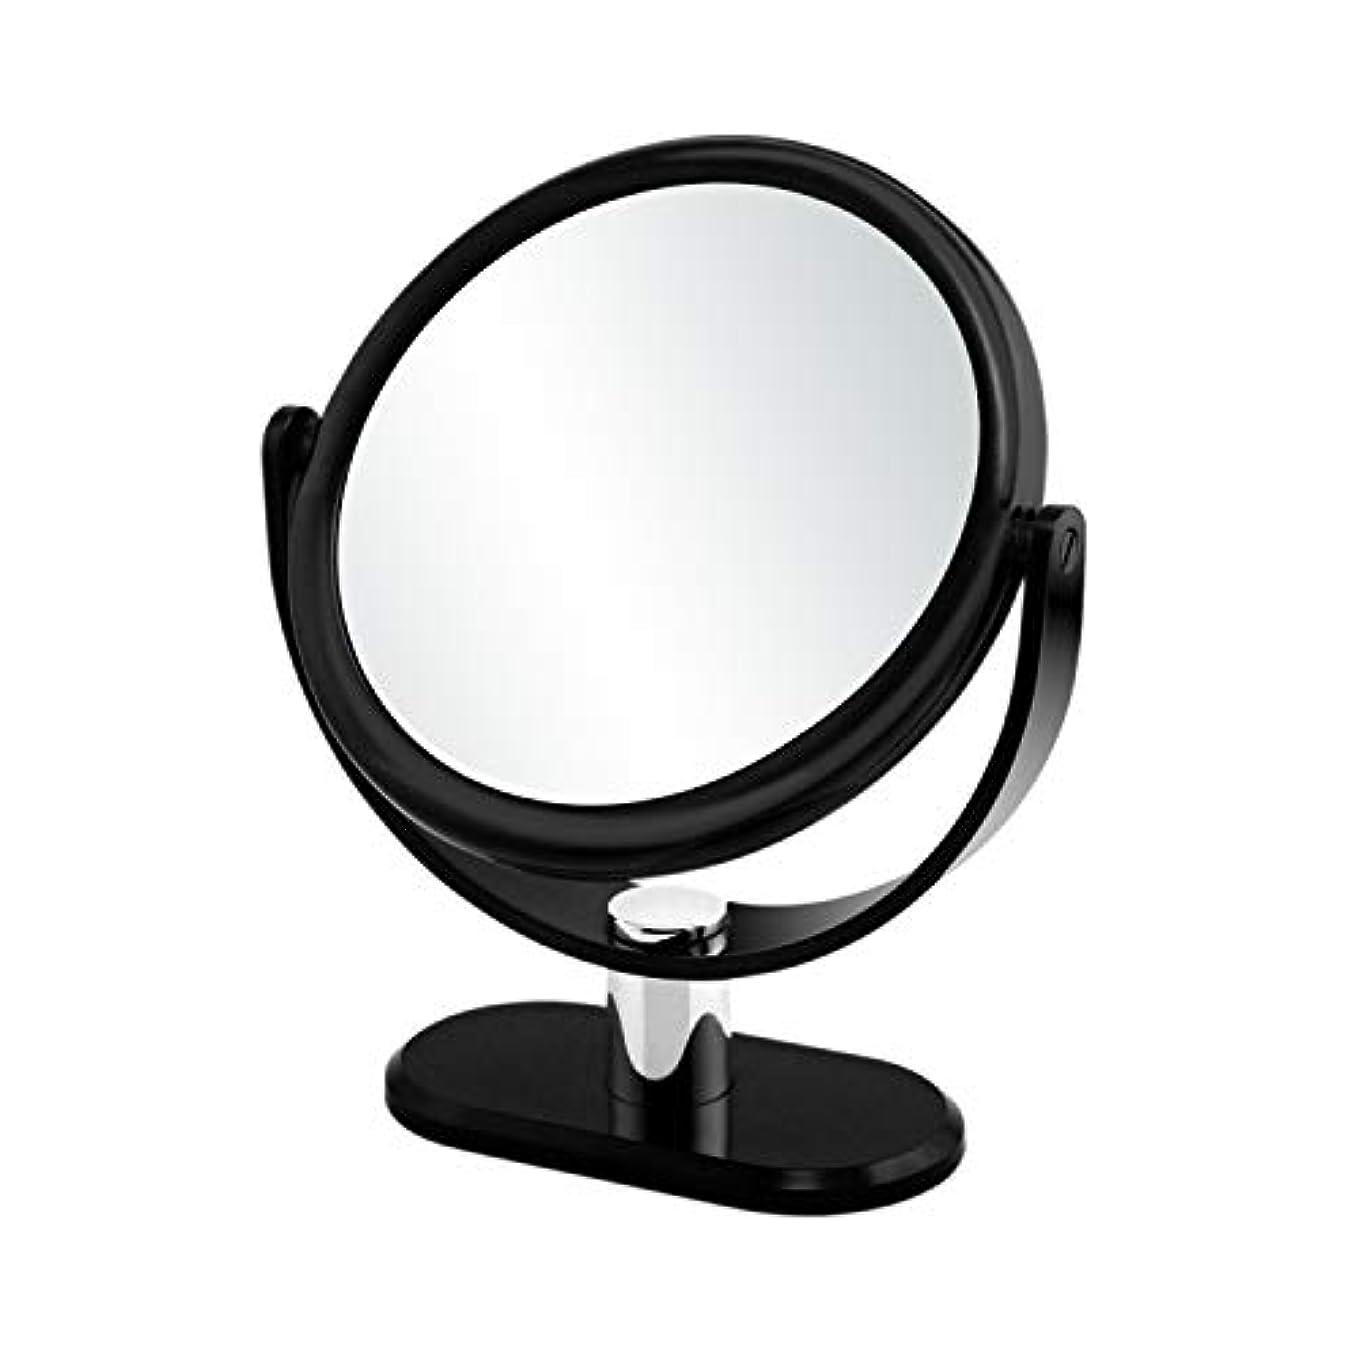 球体慣れるツーリストGorwRich ブラック卓上鏡 化粧鏡 スタンドミラー 女優ミラー 卓上ミラー 両面鏡 7倍拡大鏡と等倍鏡